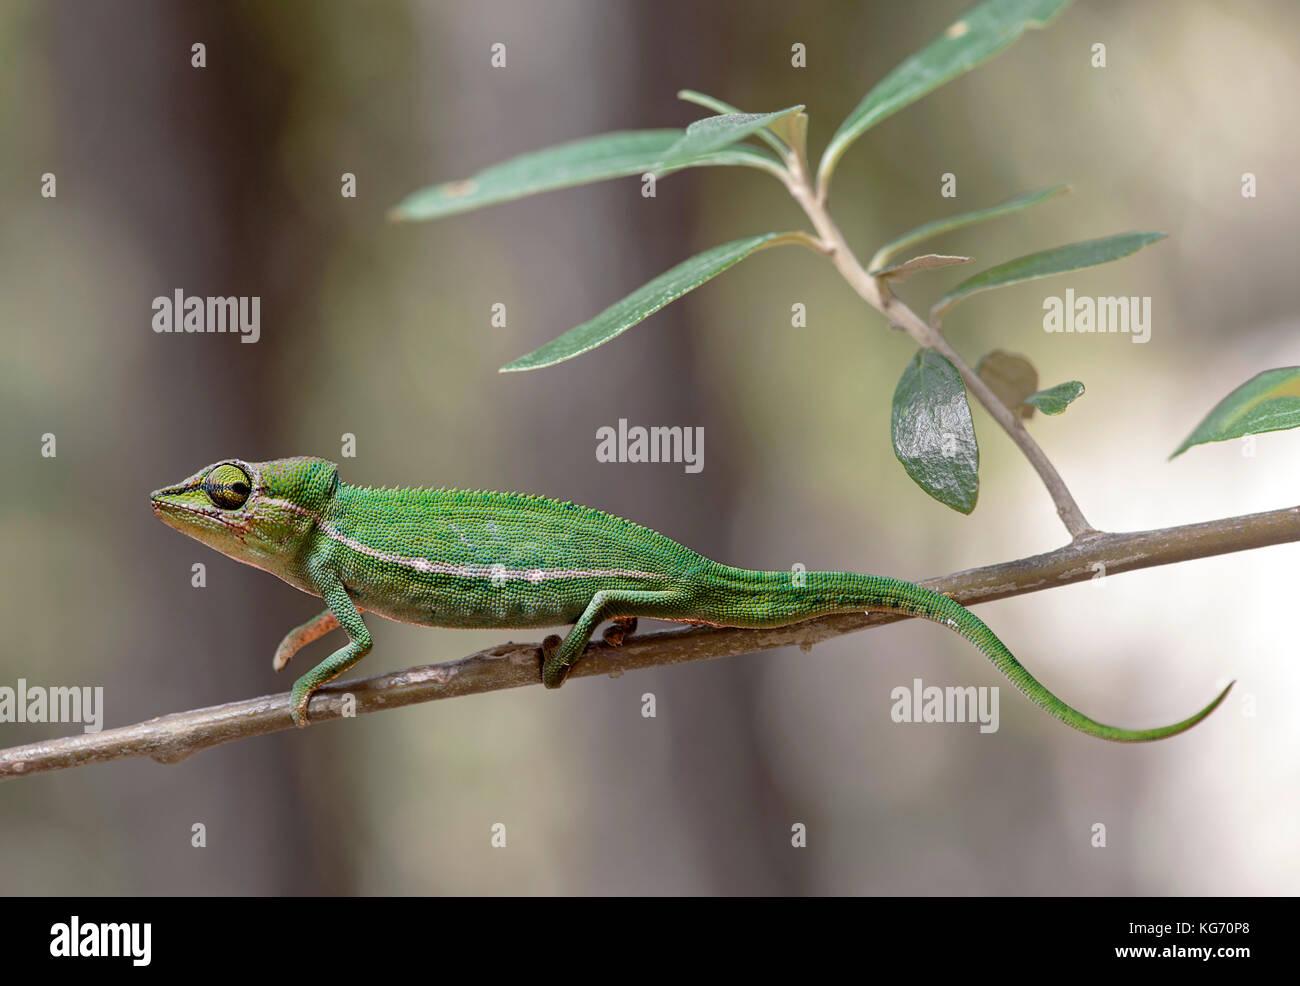 Curto-cheirados chameleon calumma, gastrotaenia anjozorobe nationalpark, estados unidos Imagens de Stock